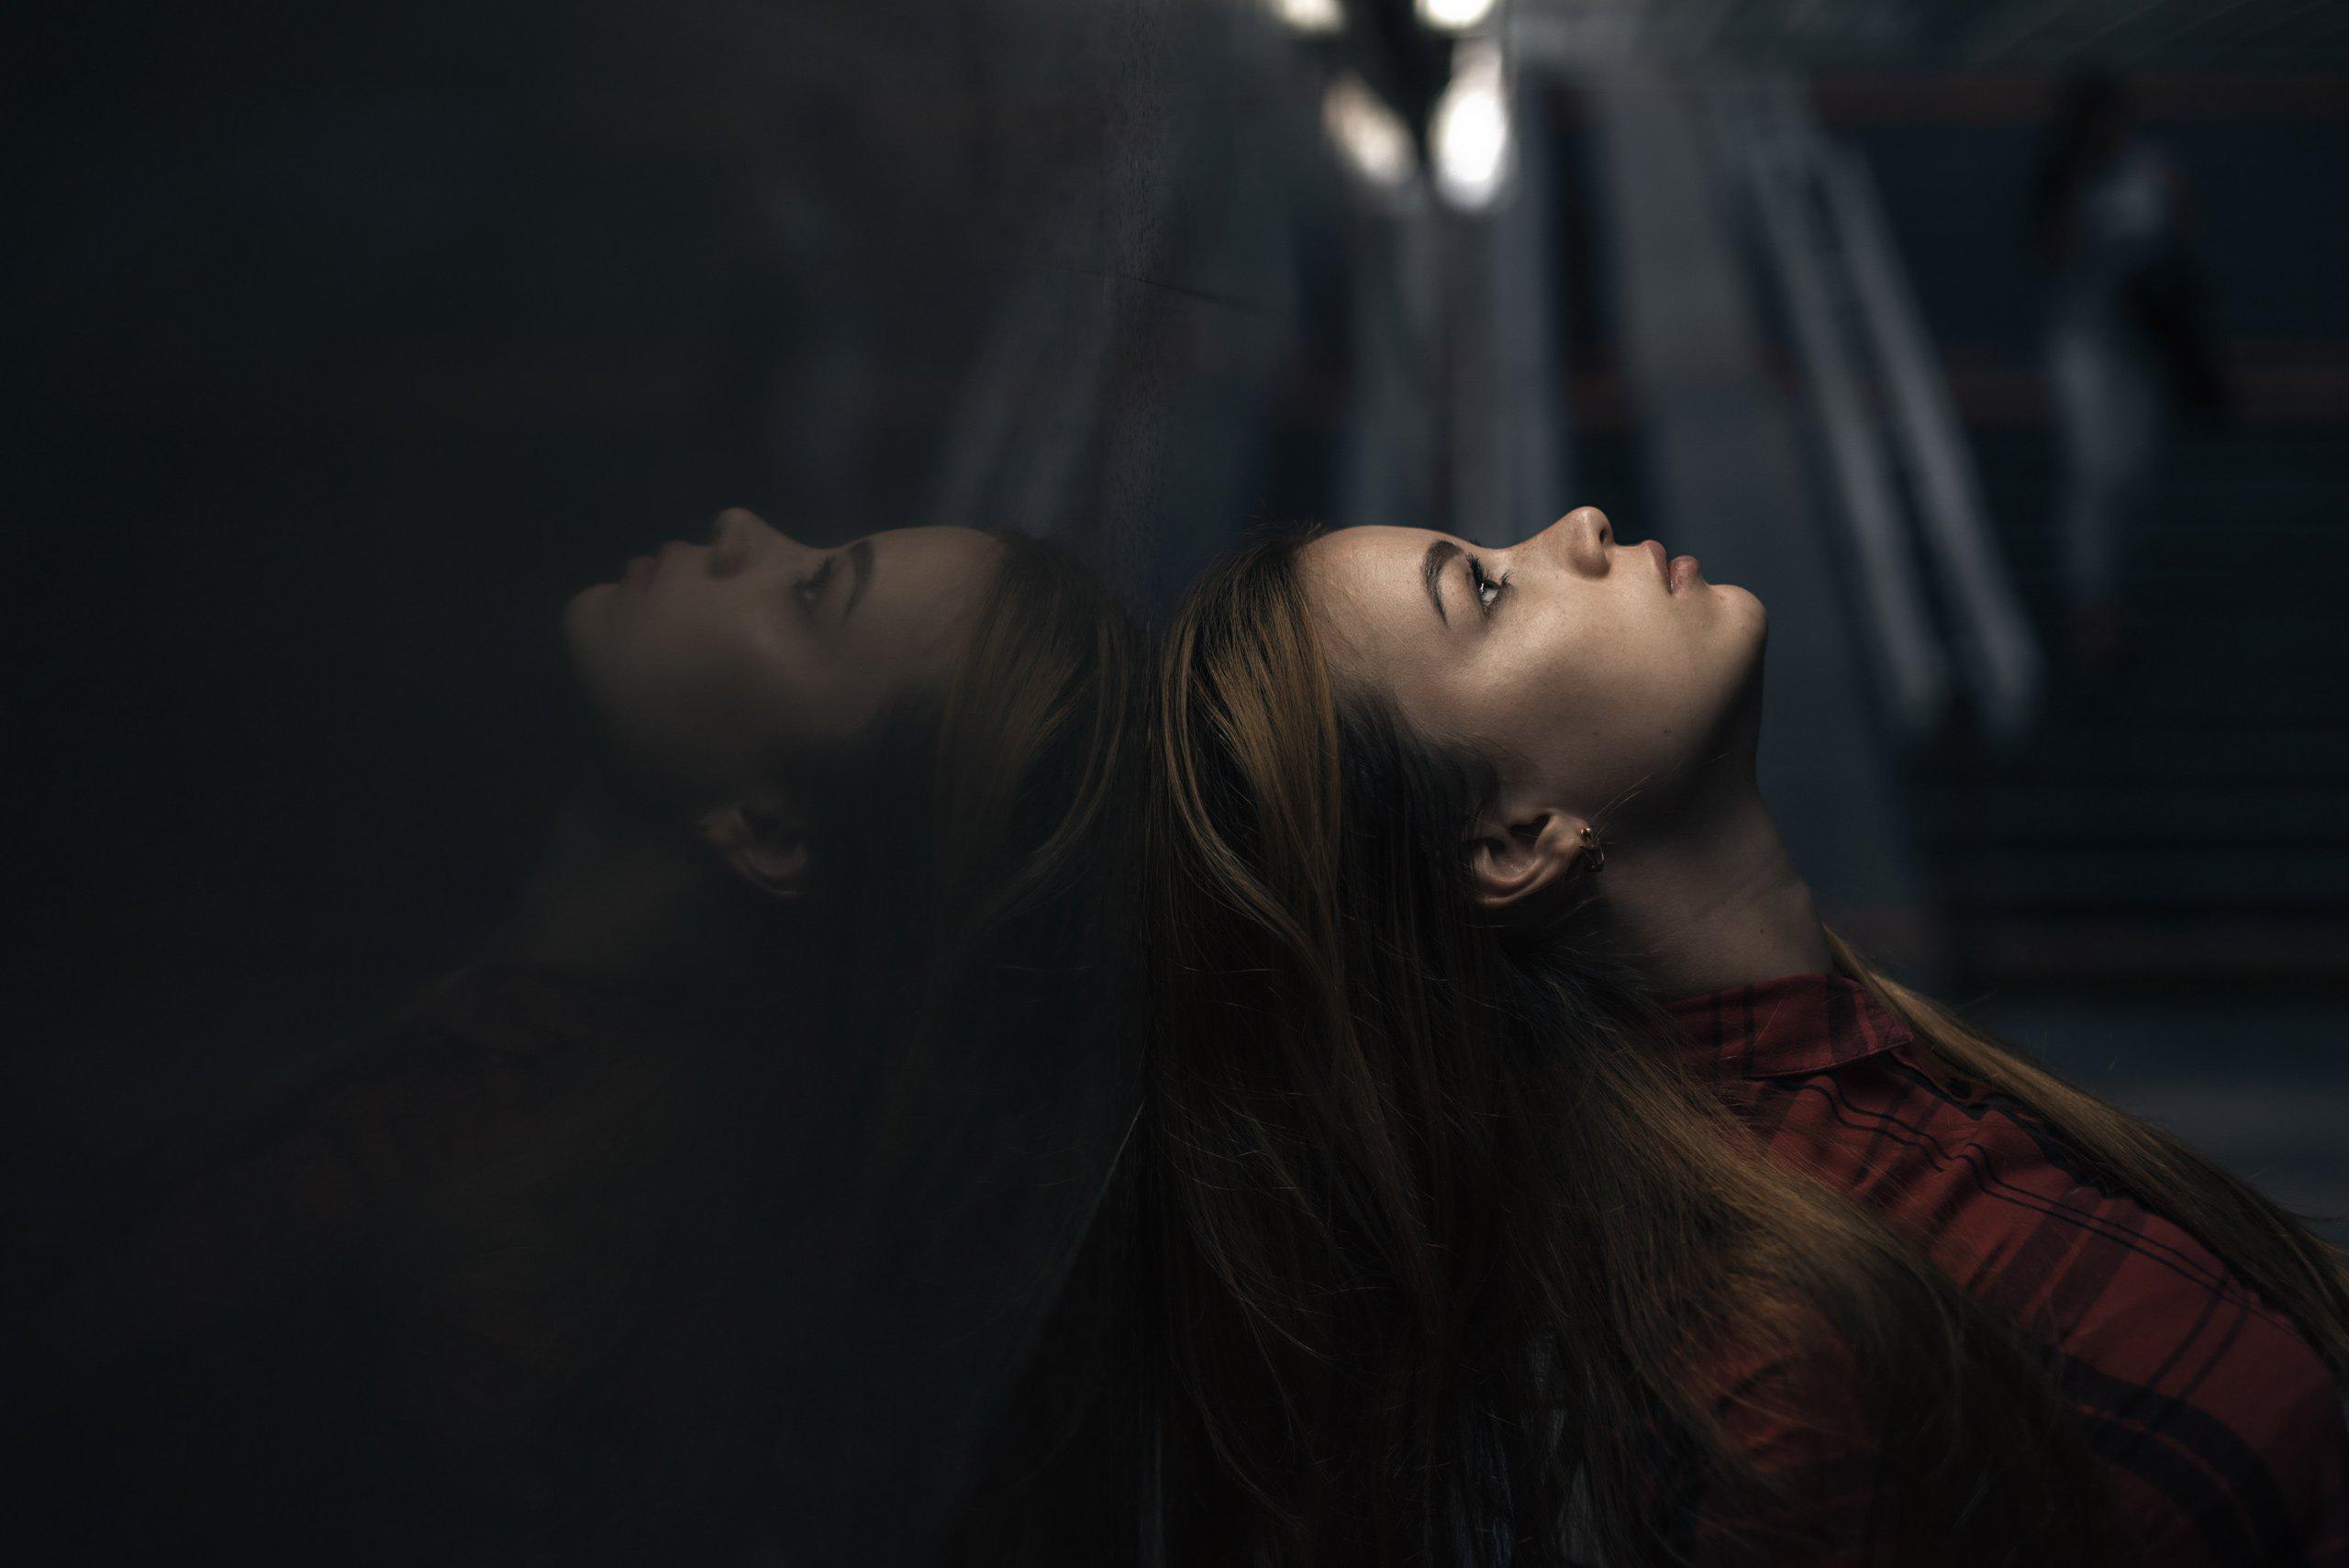 девушка, портрет, настроение, переход, Александр Тишкевич